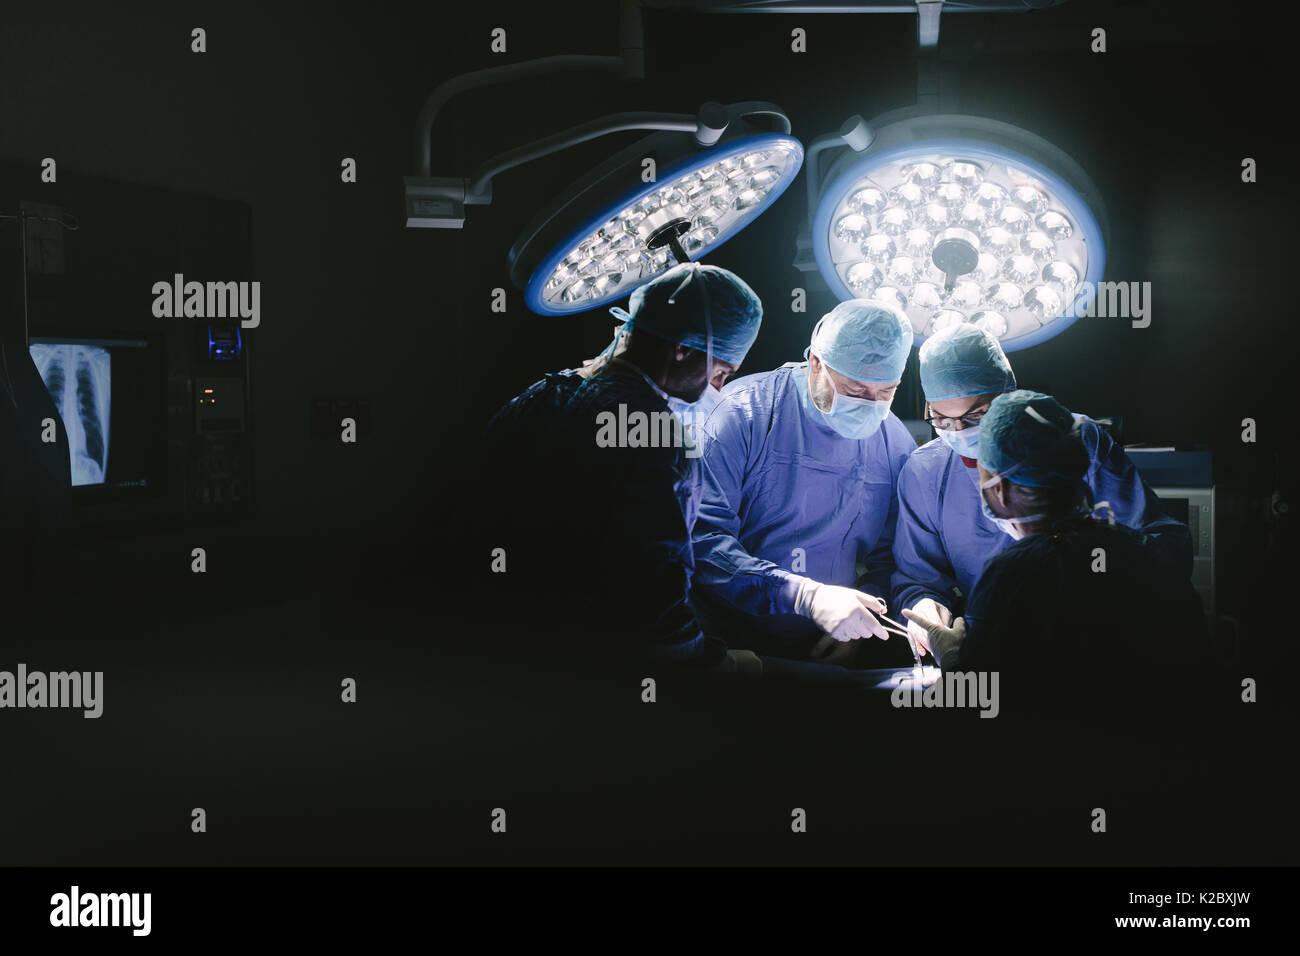 L'équipe médicale d'effectuer la chirurgie. Groupe des chirurgiens en salle d'opération de l'hôpital. Photo Stock